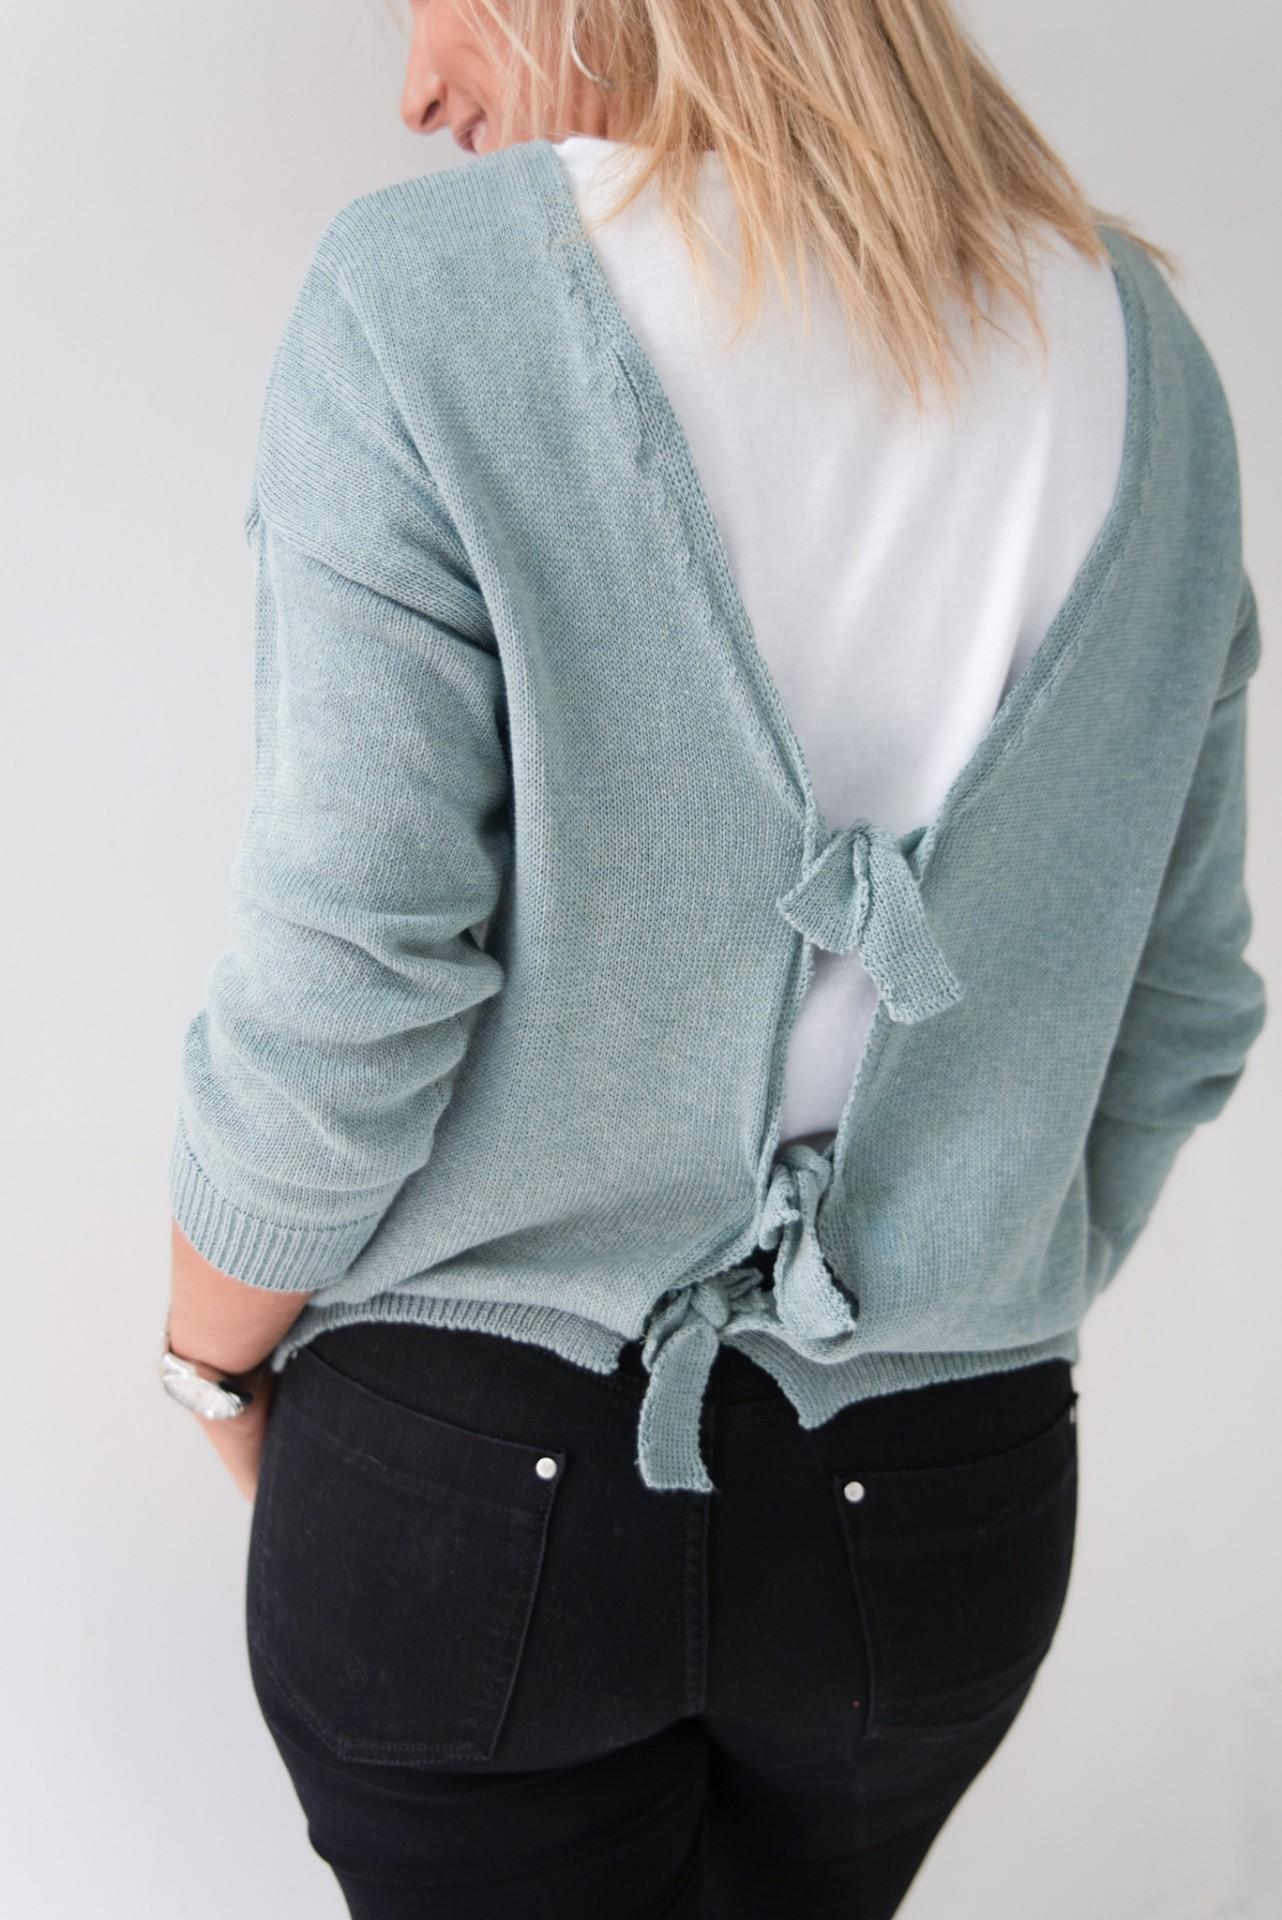 camisola laços costas verde azulado